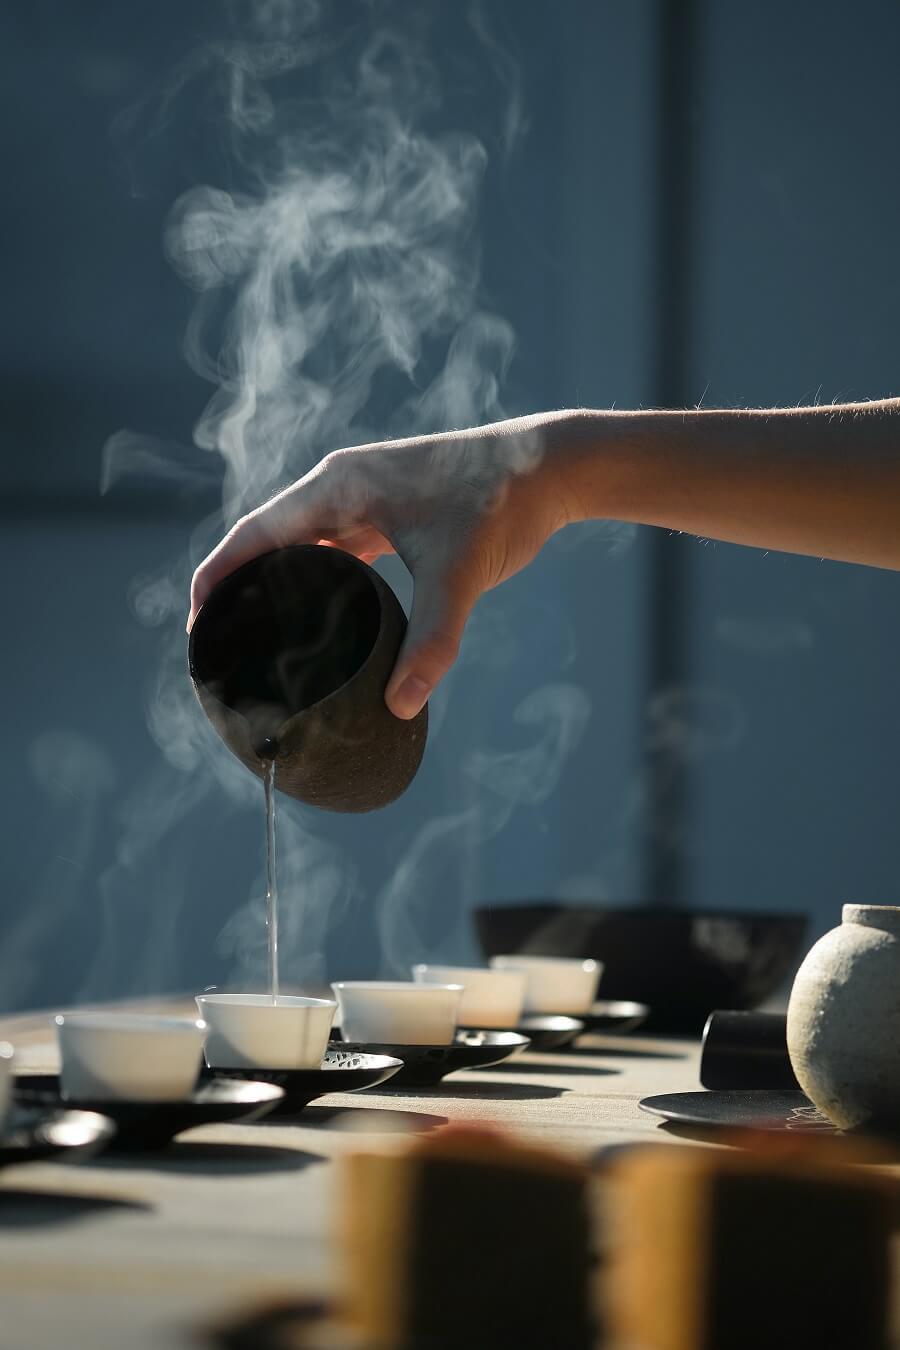 Zubereitung von heißem Tee